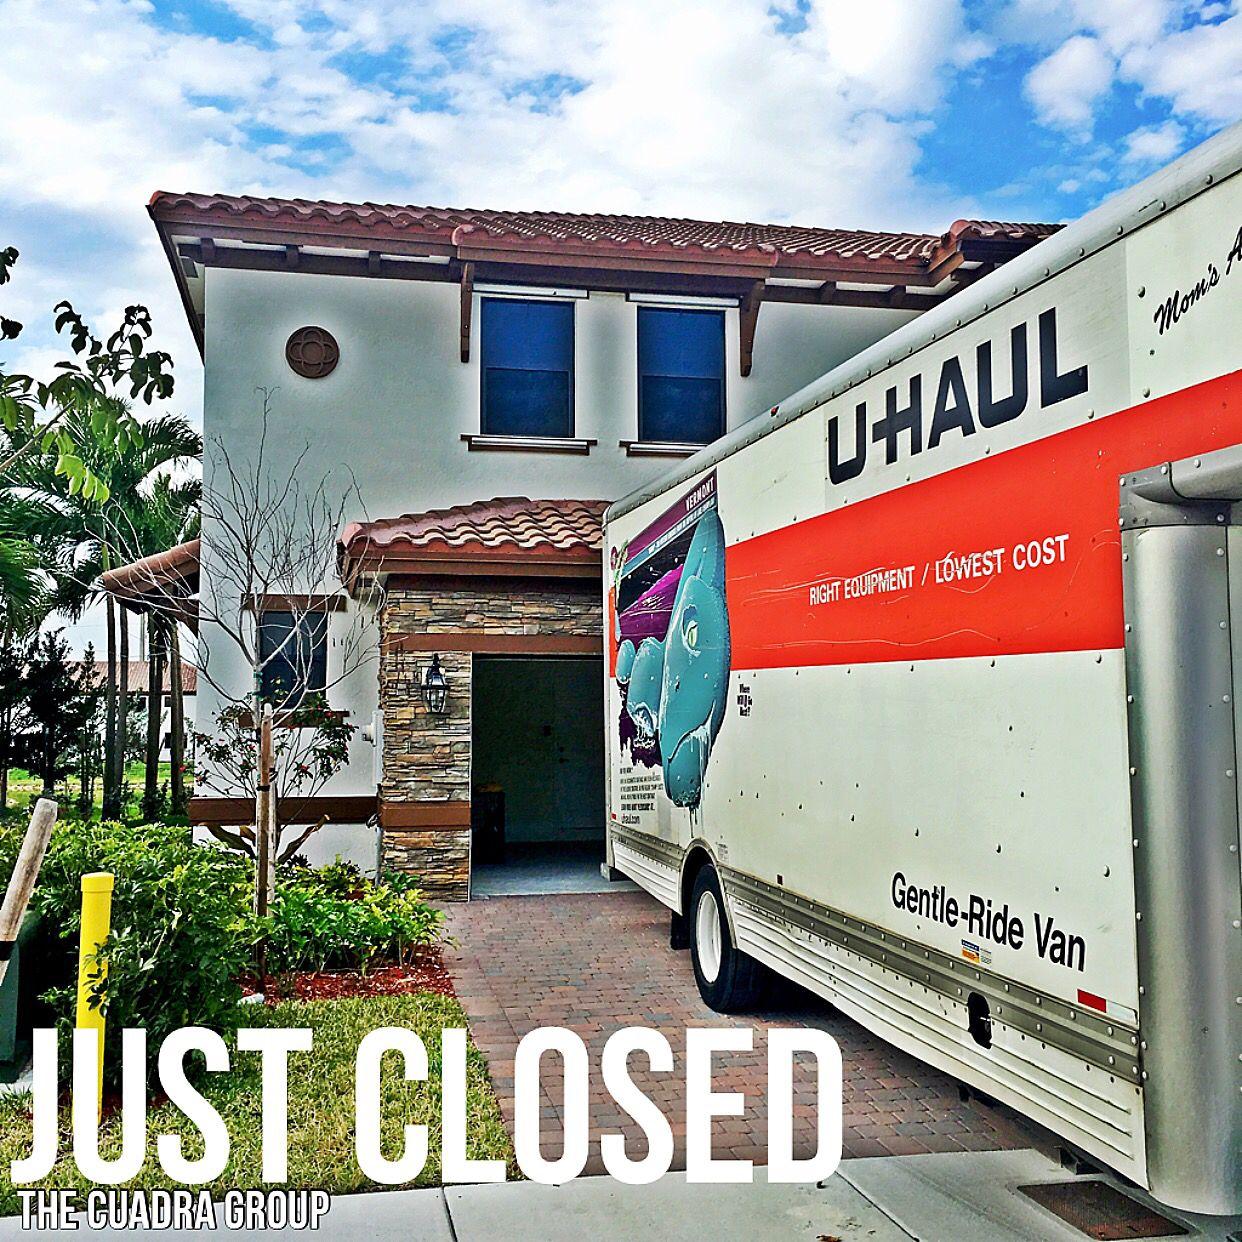 Uhaul closing